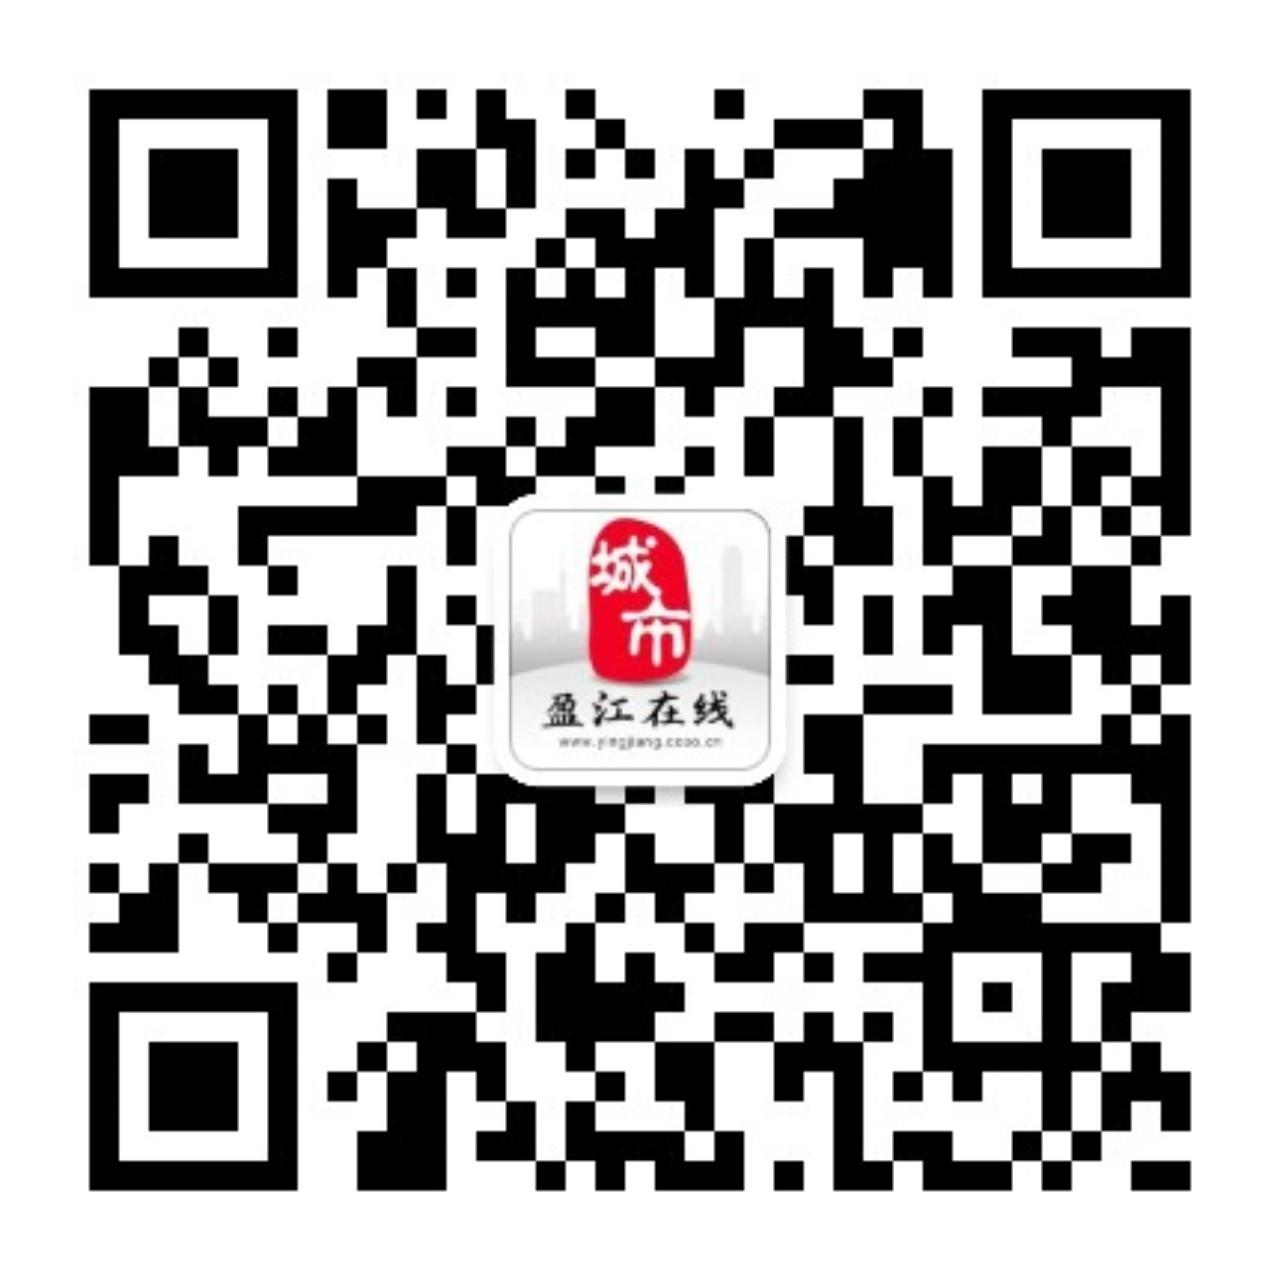 盈江在线官方微信